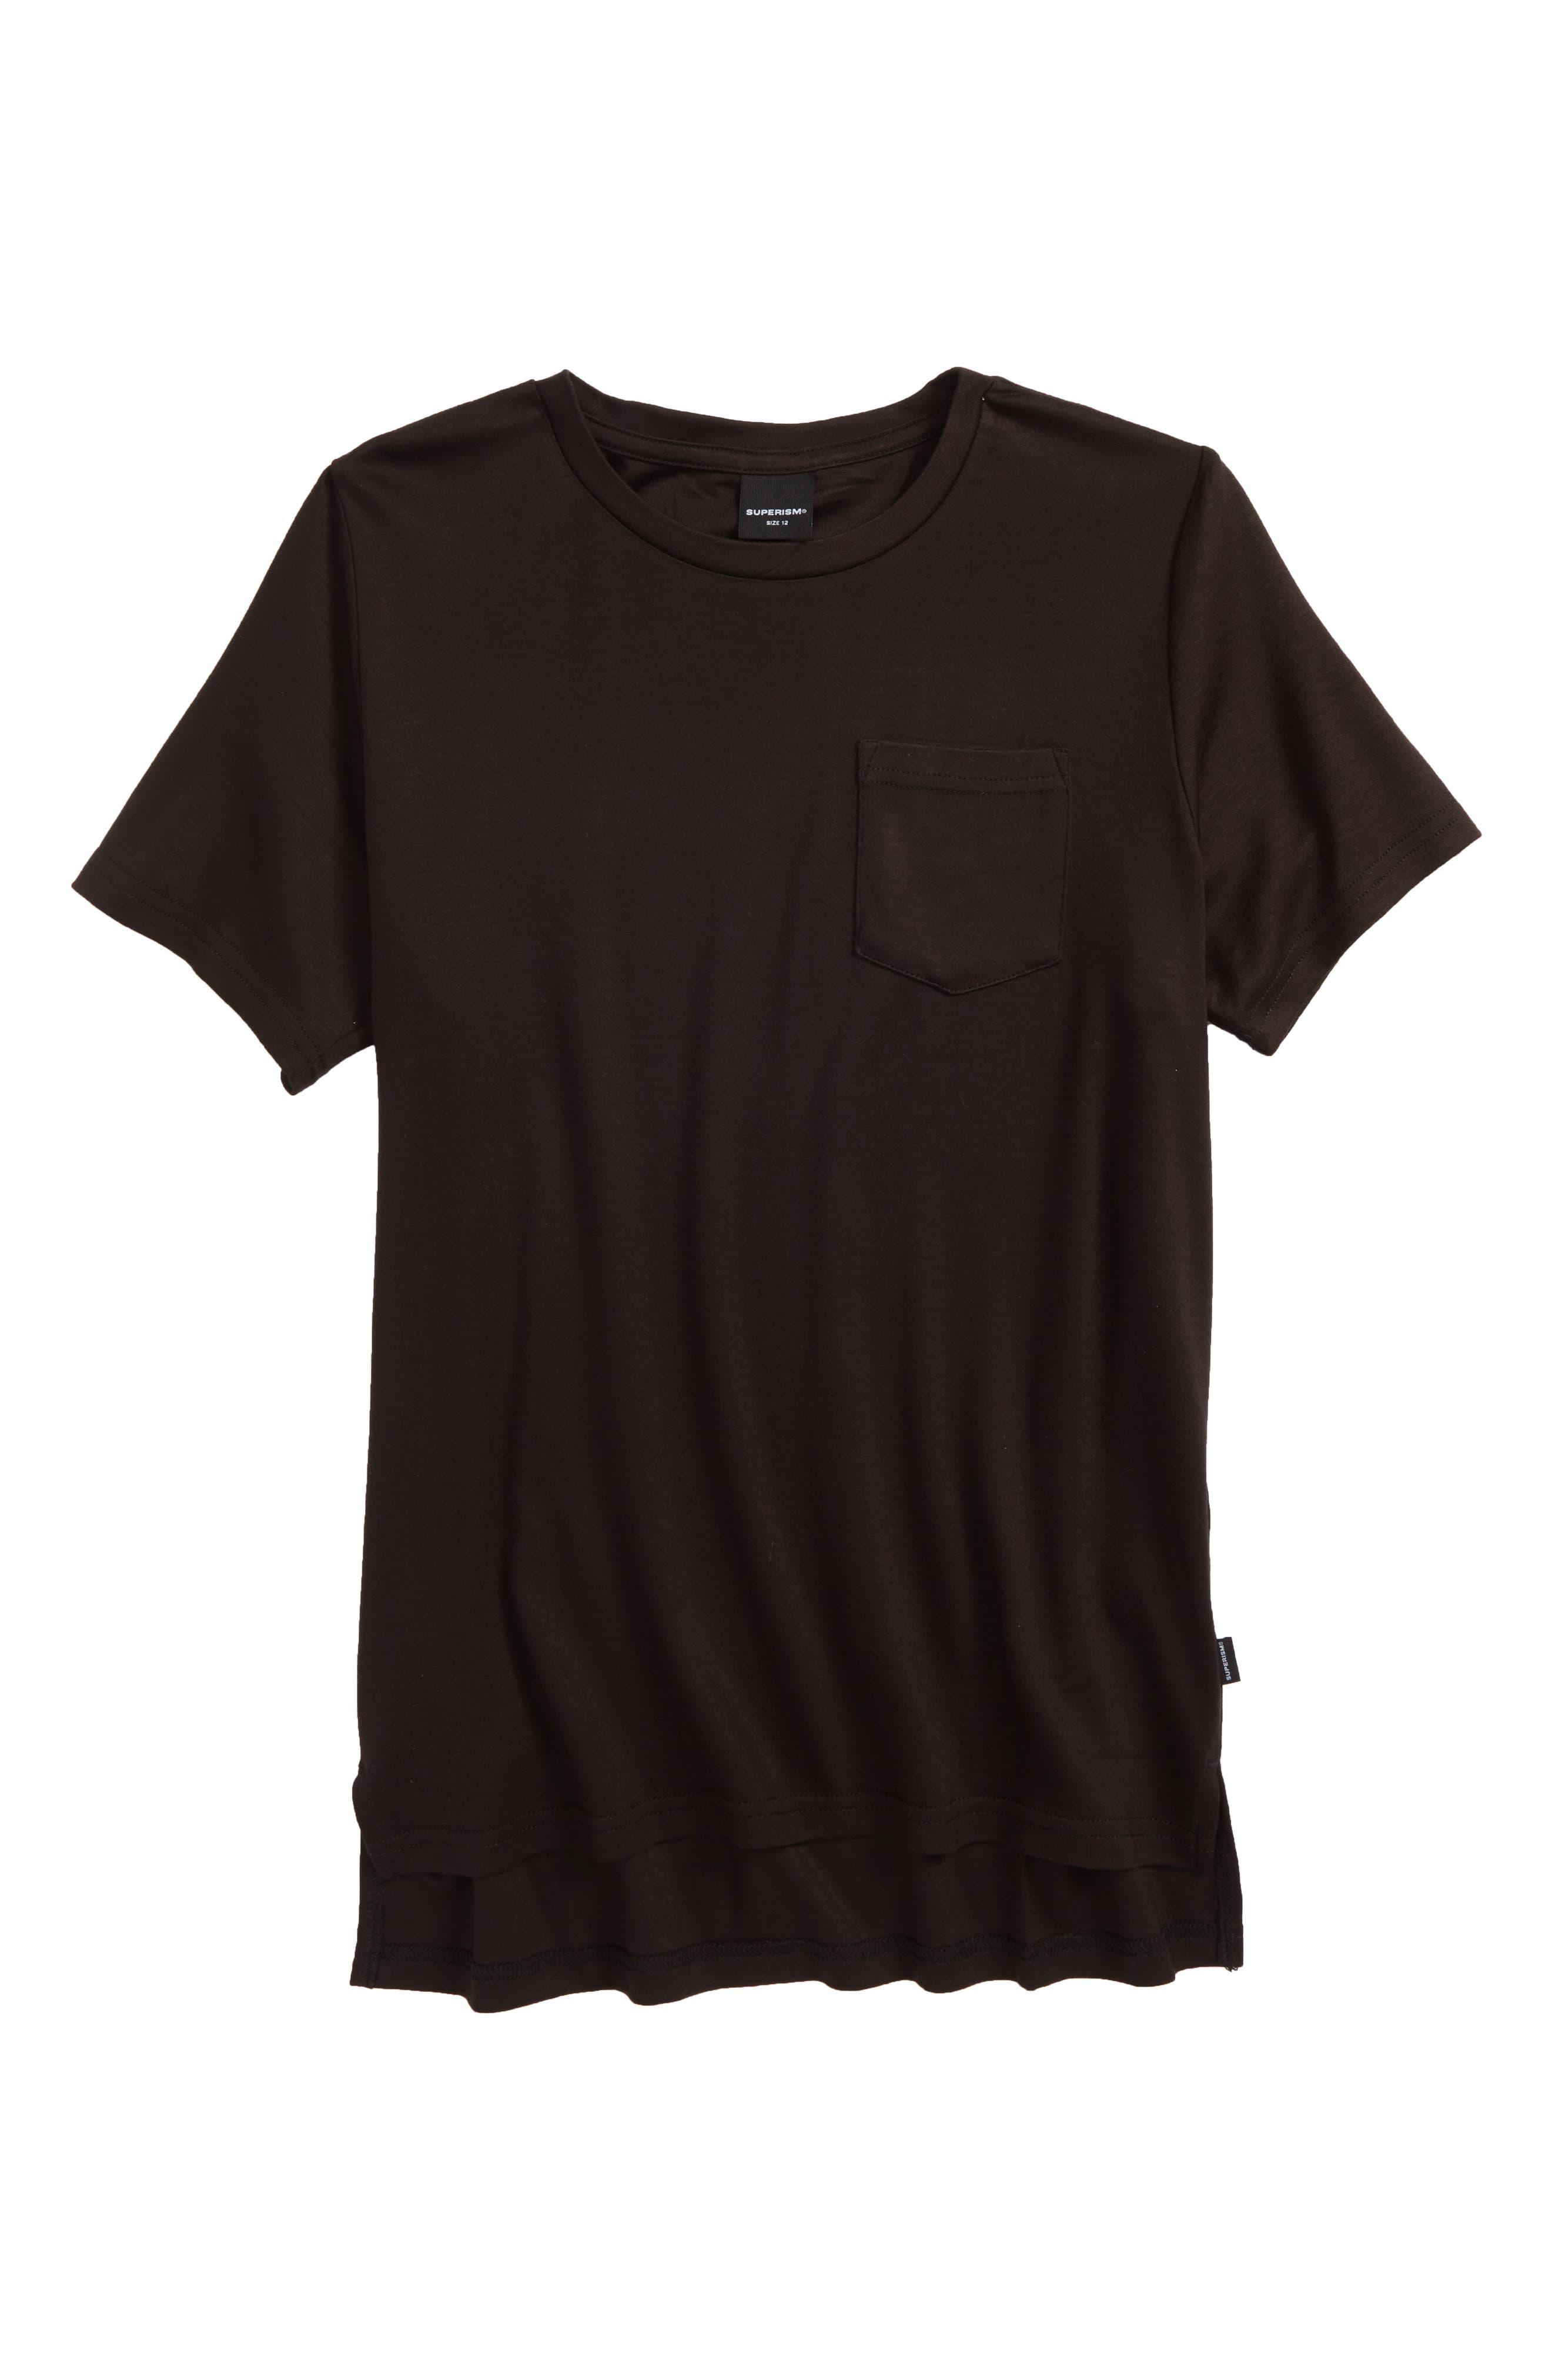 Brycen T-Shirt,                             Main thumbnail 1, color,                             001